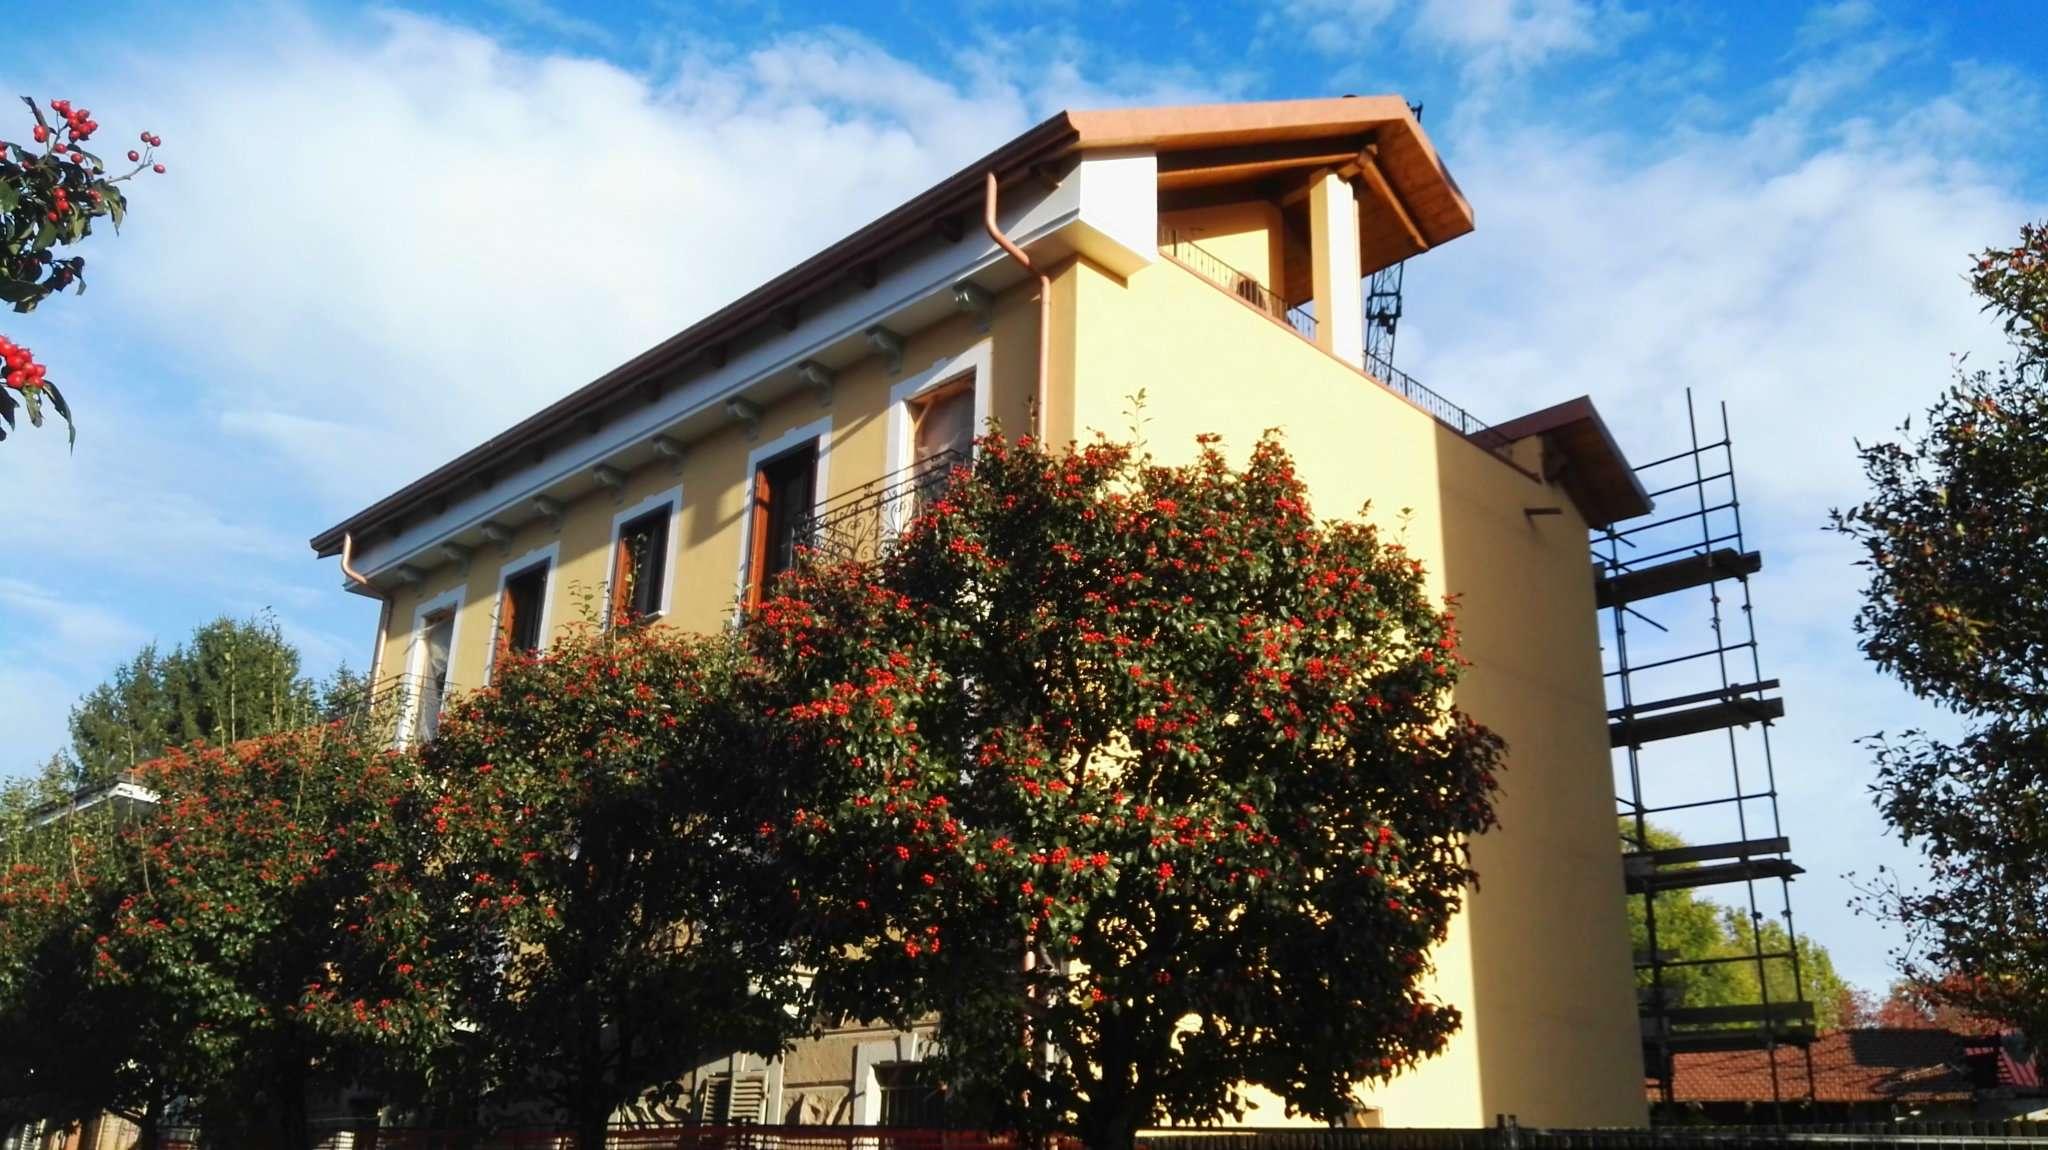 Appartamento in vendita a Trofarello, 3 locali, prezzo € 138.000 | CambioCasa.it